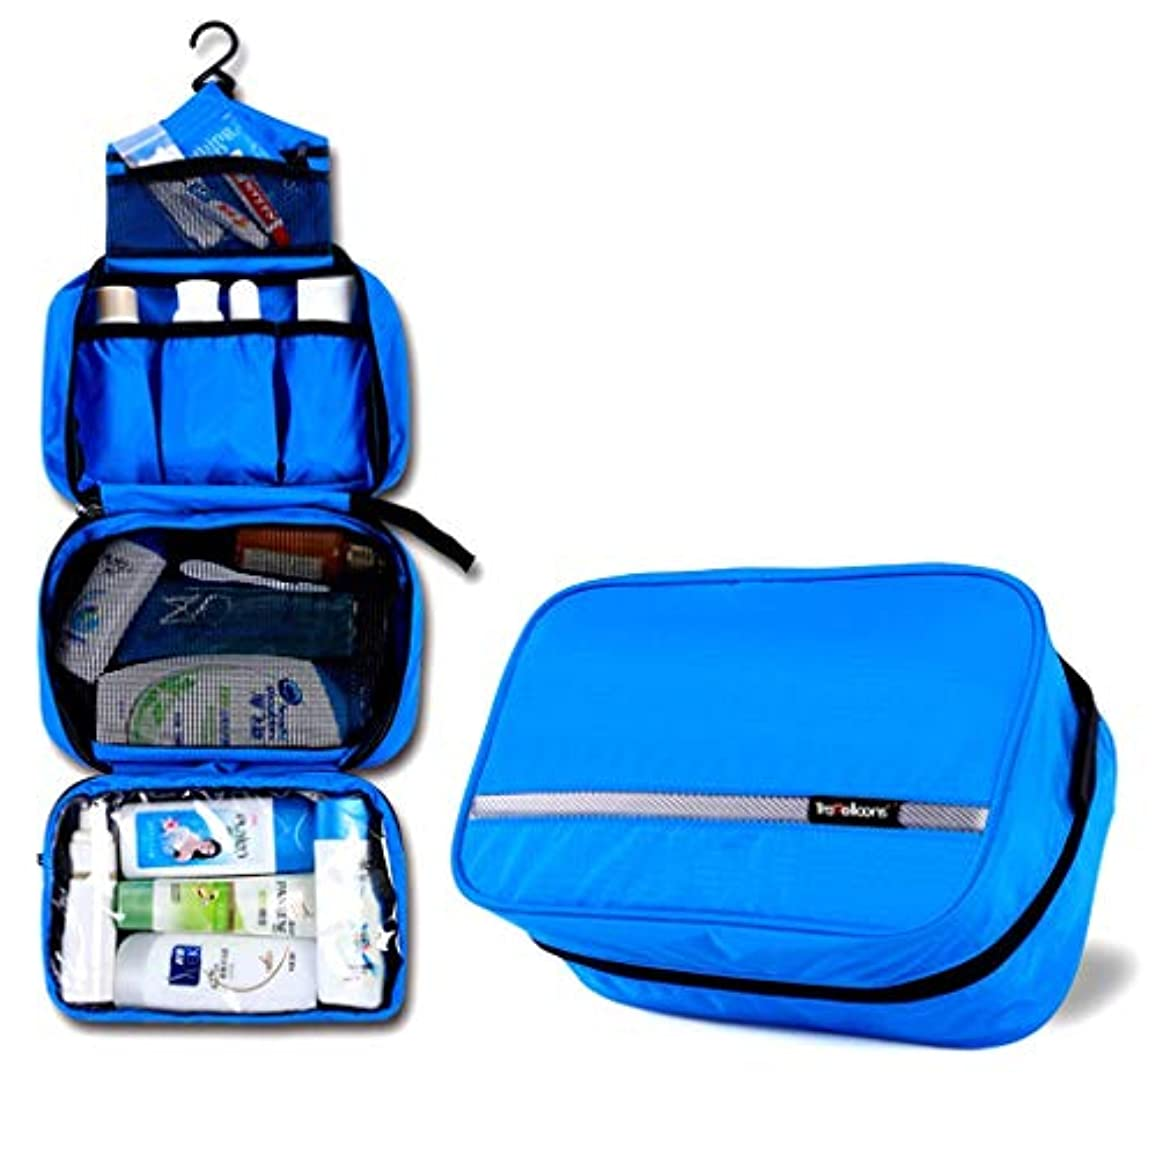 サンダー眠り加入トラベルウォッシュバッグ、メンズビジネストラベルセット、レディース化粧品袋携帯用防水収納袋(カラー:ブルー)